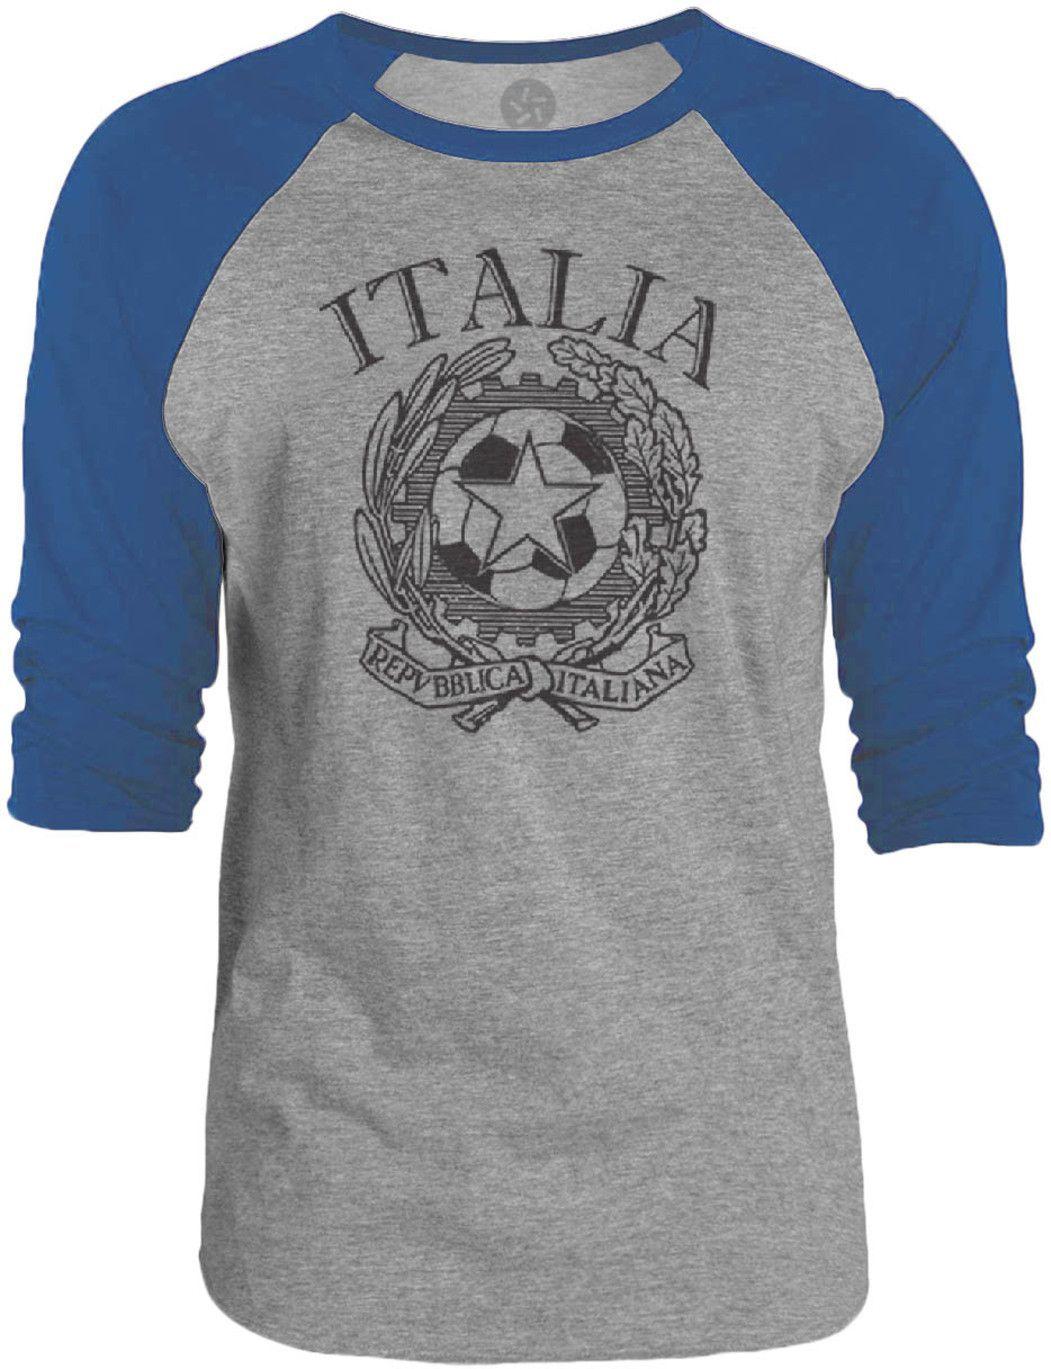 Big Texas Italy 2014 (Black) 3/4-Sleeve Raglan Baseball T-Shirt